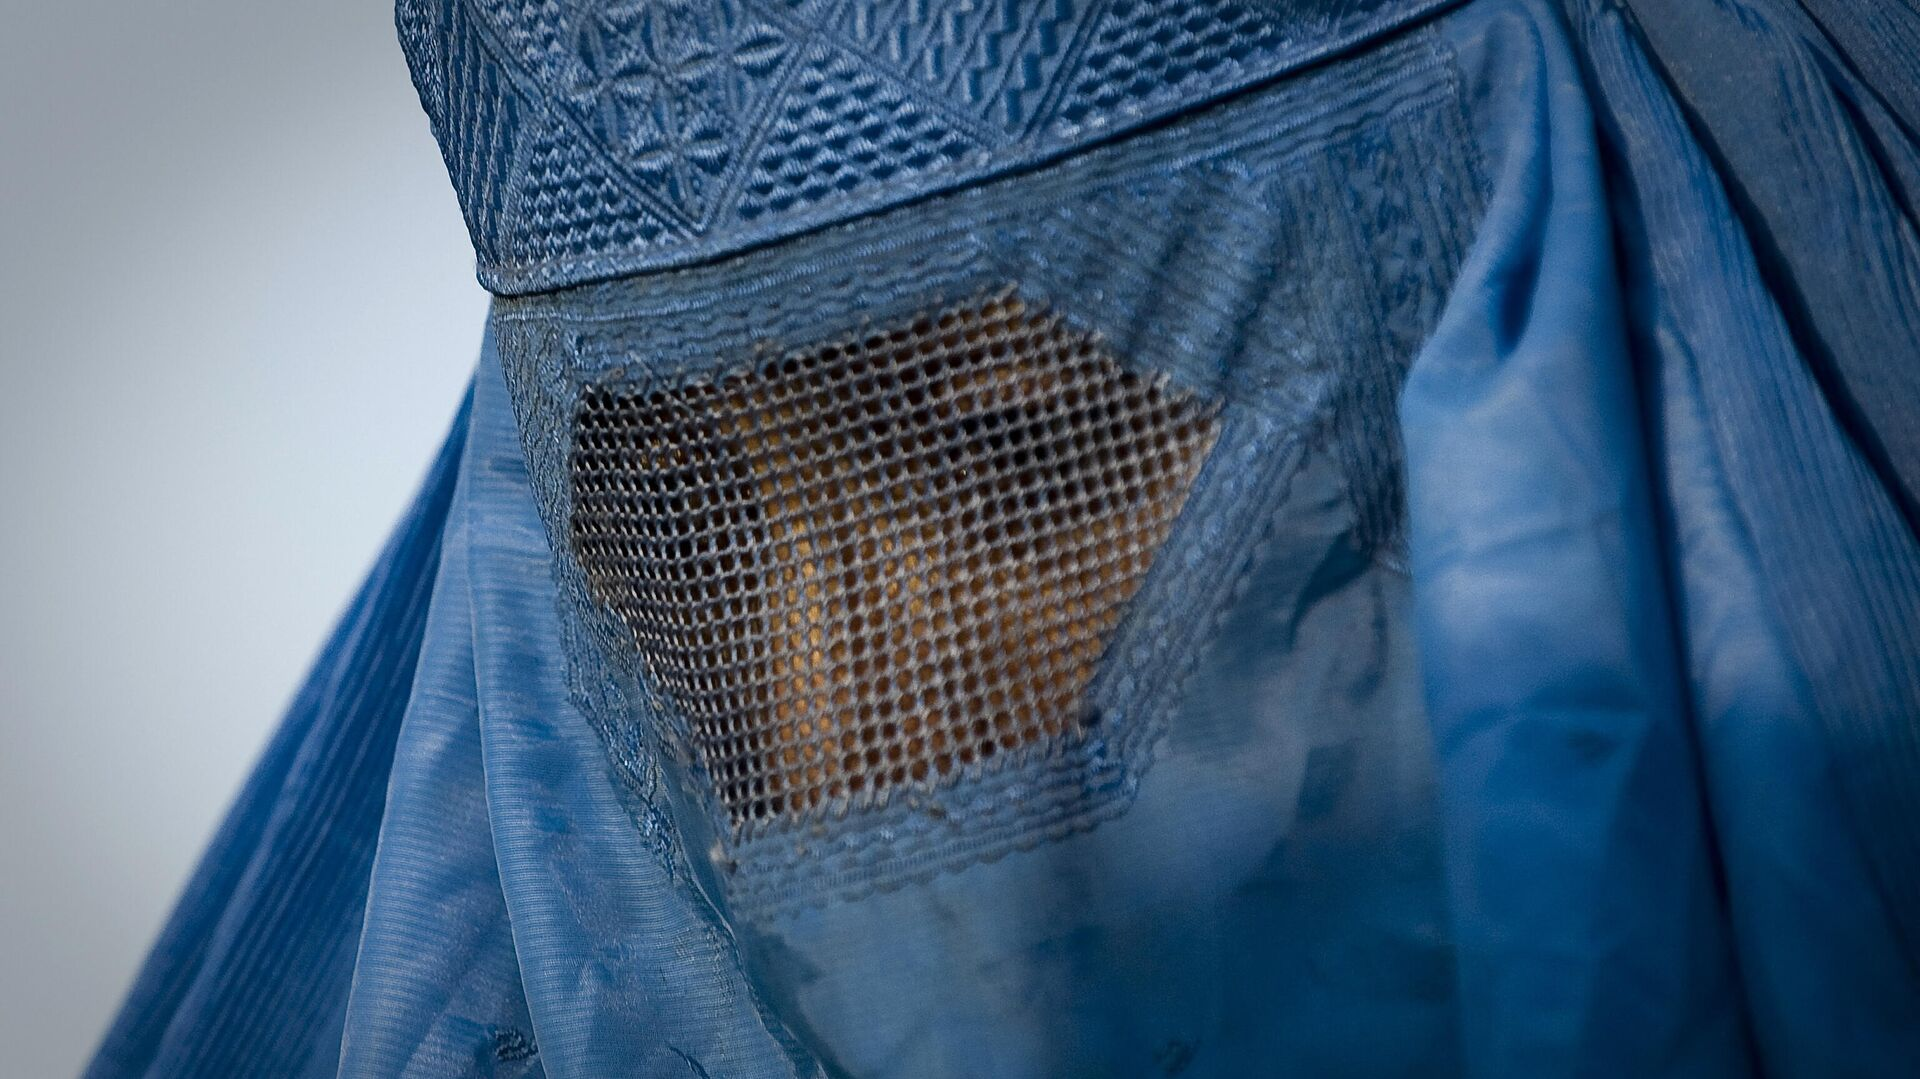 Женщина в Афганистане в парандже - Sputnik Тоҷикистон, 1920, 04.09.2021